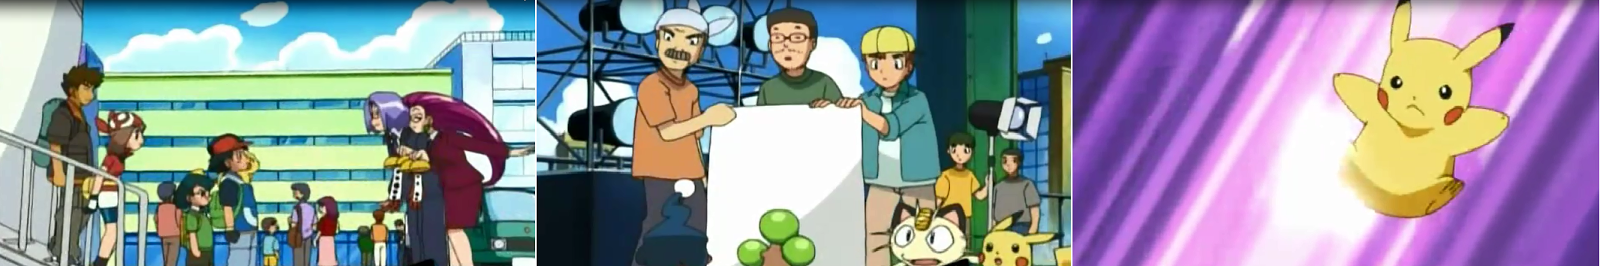 Pokemon Capitulo 20 Temporada 9 Rey Y Reina Por Un Dia